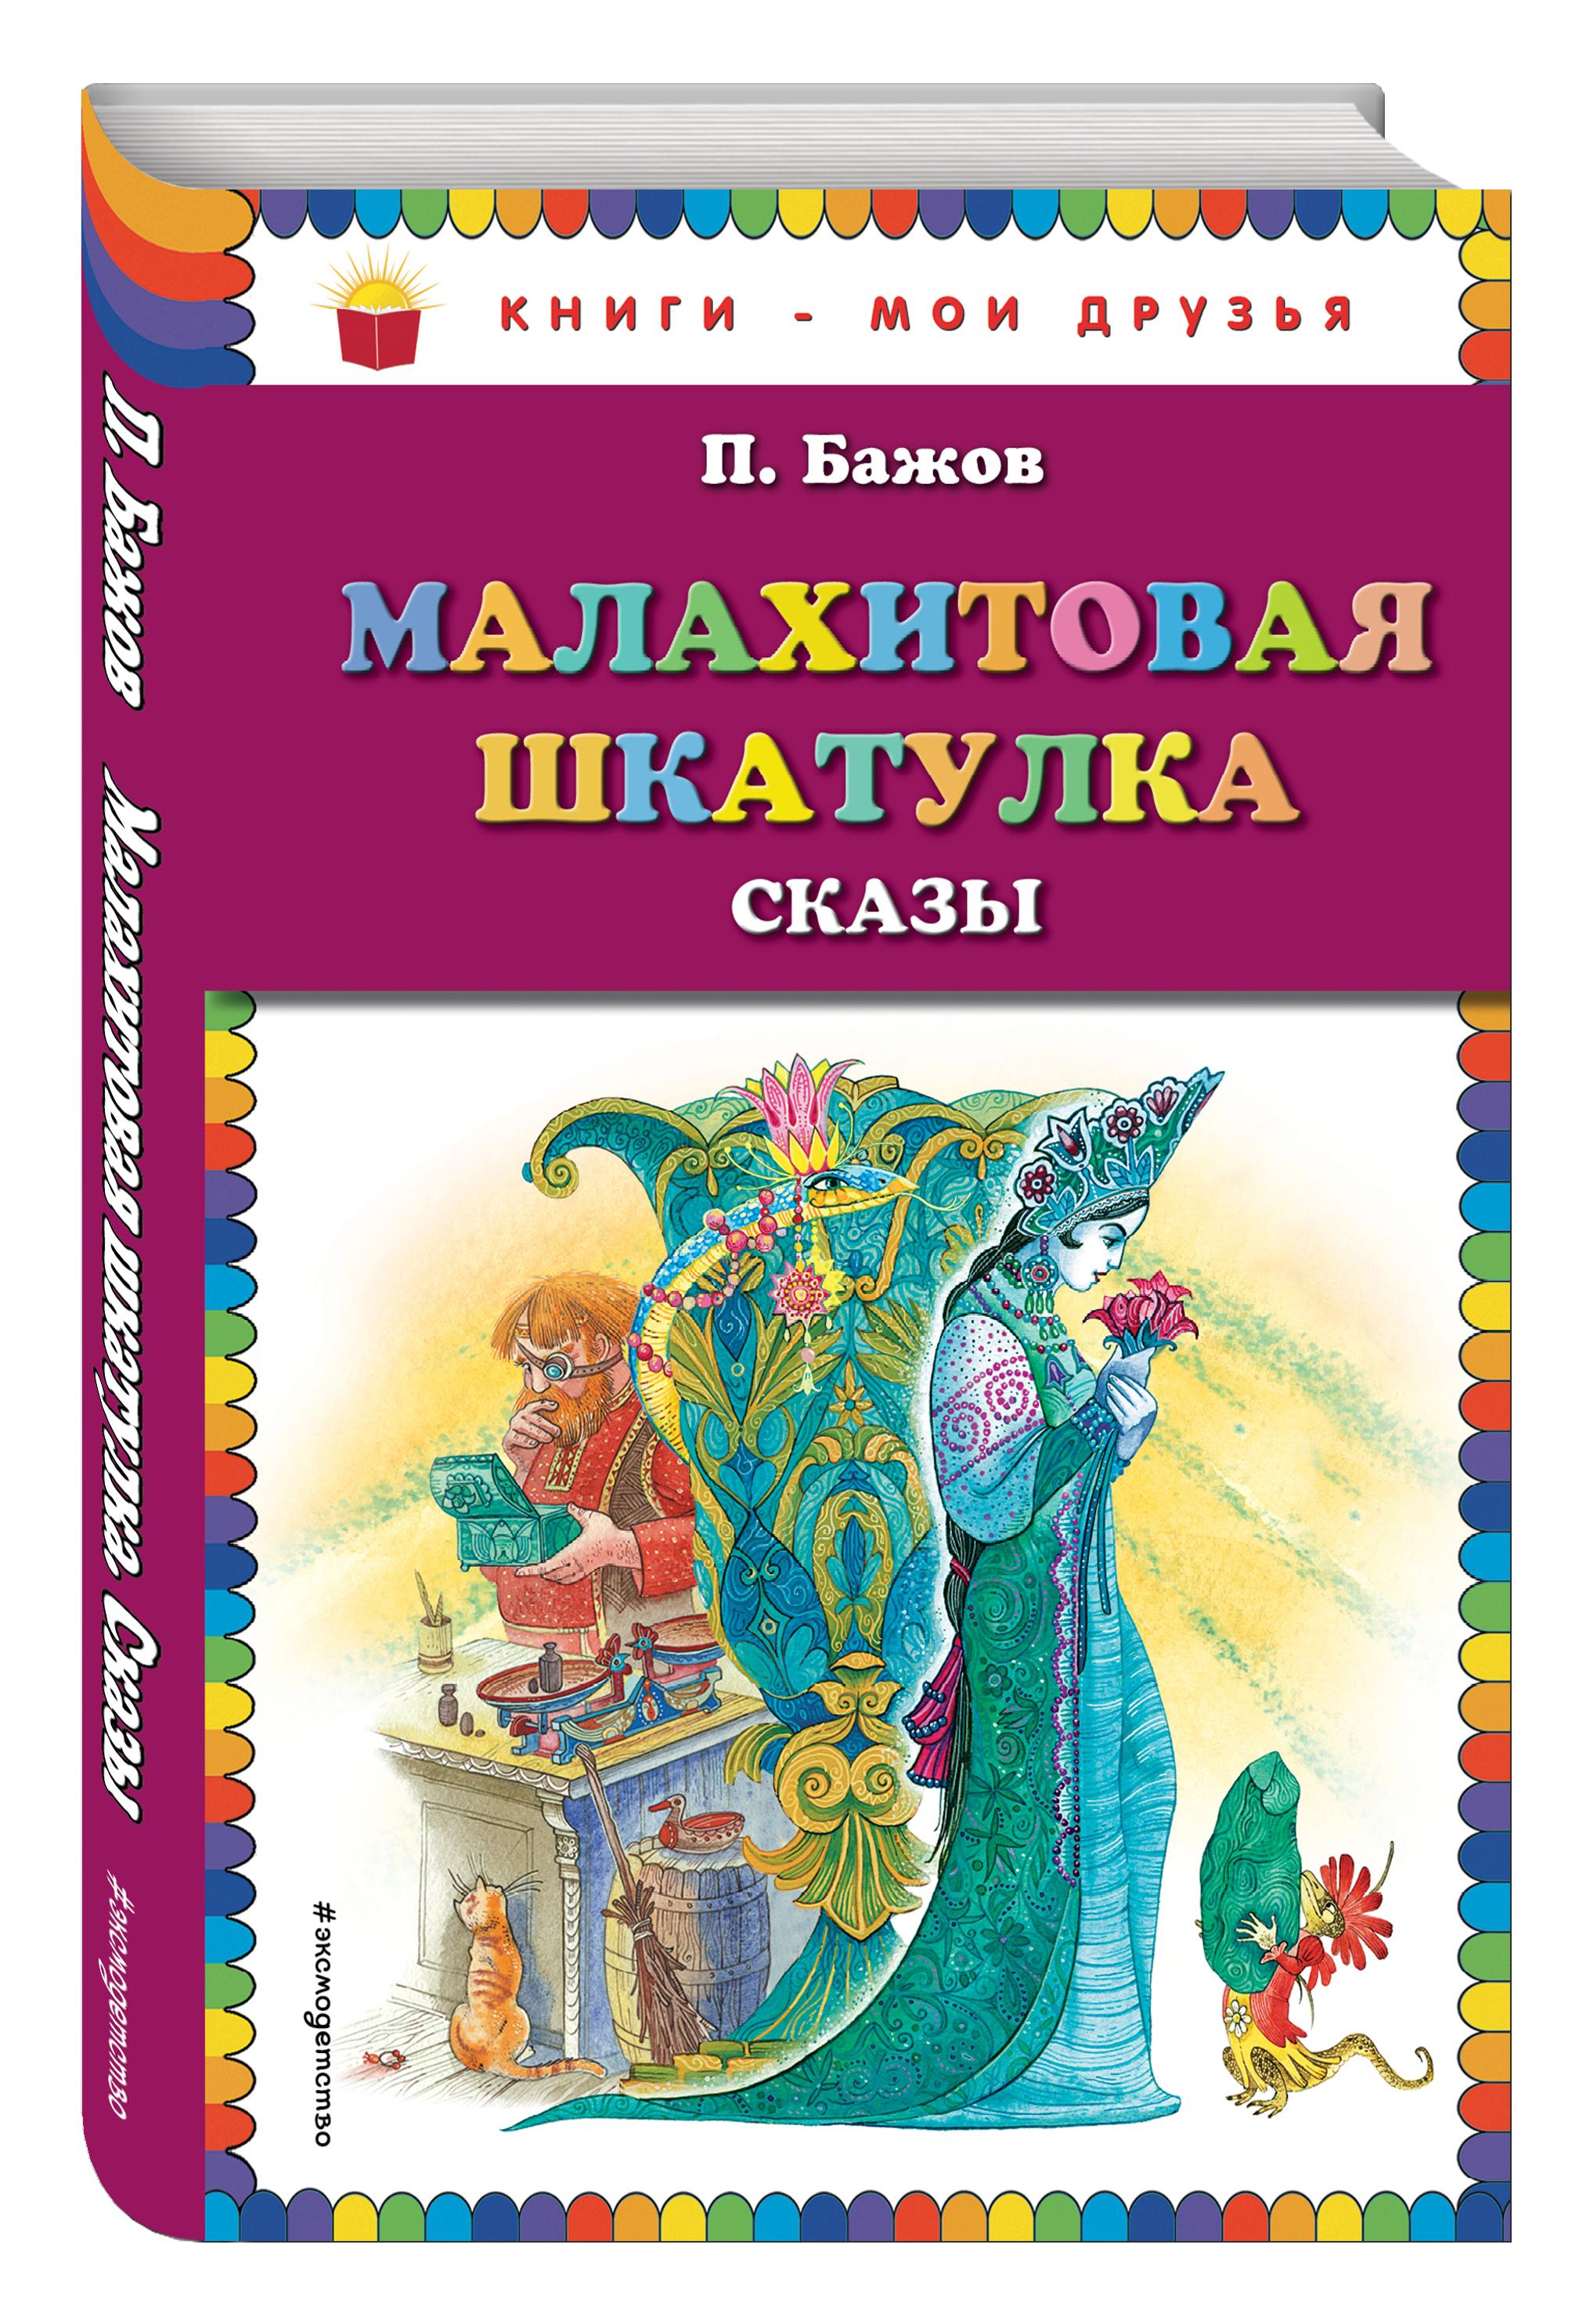 П. Бажов Малахитовая шкатулка. Сказы_